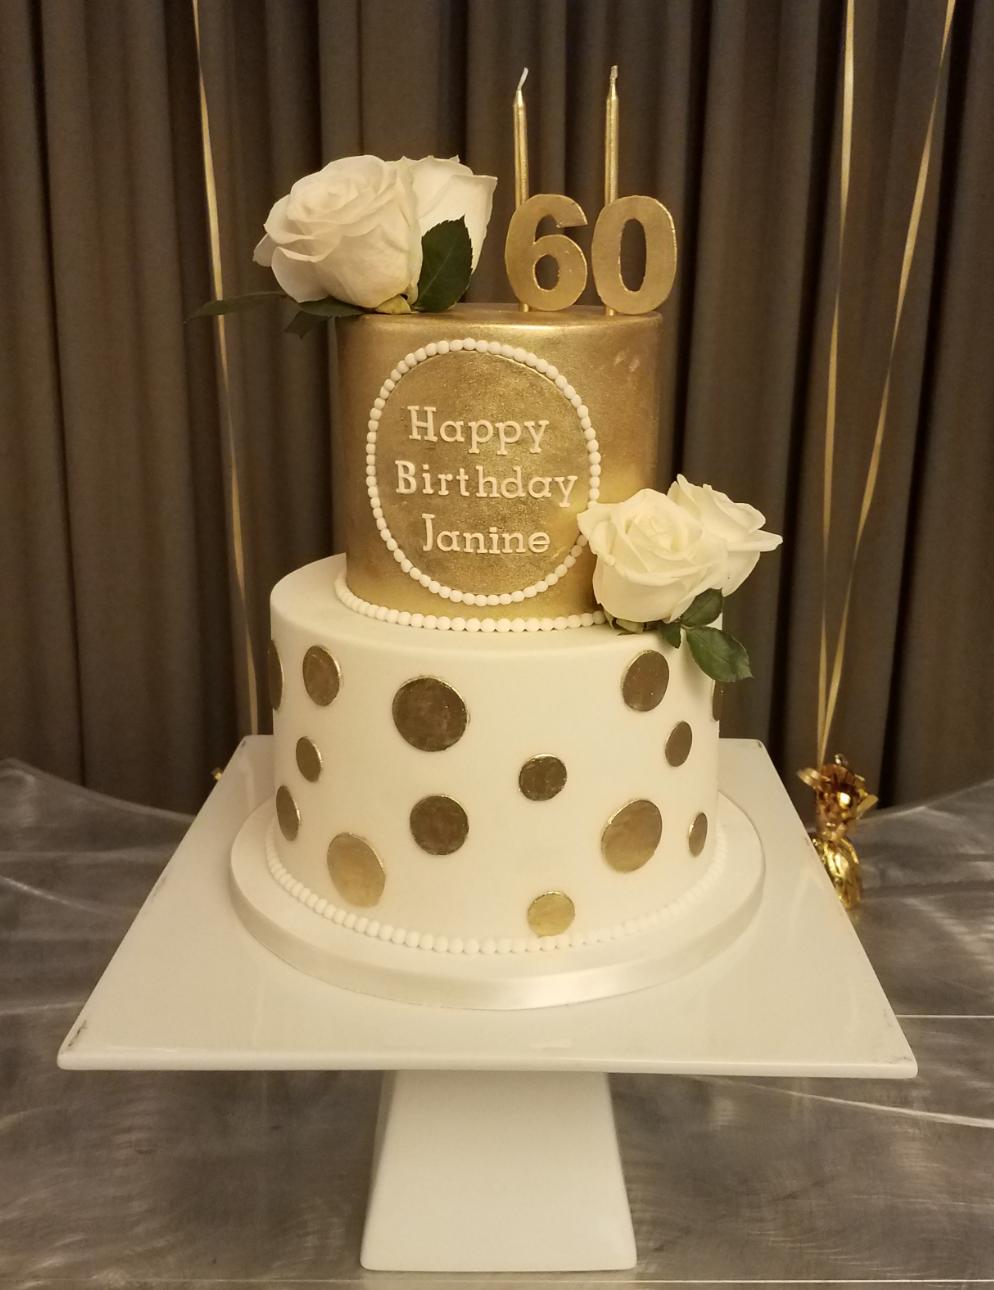 Pleasant Golden Birthday Cake Golden Birthday Cakes 60Th Birthday Cake Funny Birthday Cards Online Alyptdamsfinfo